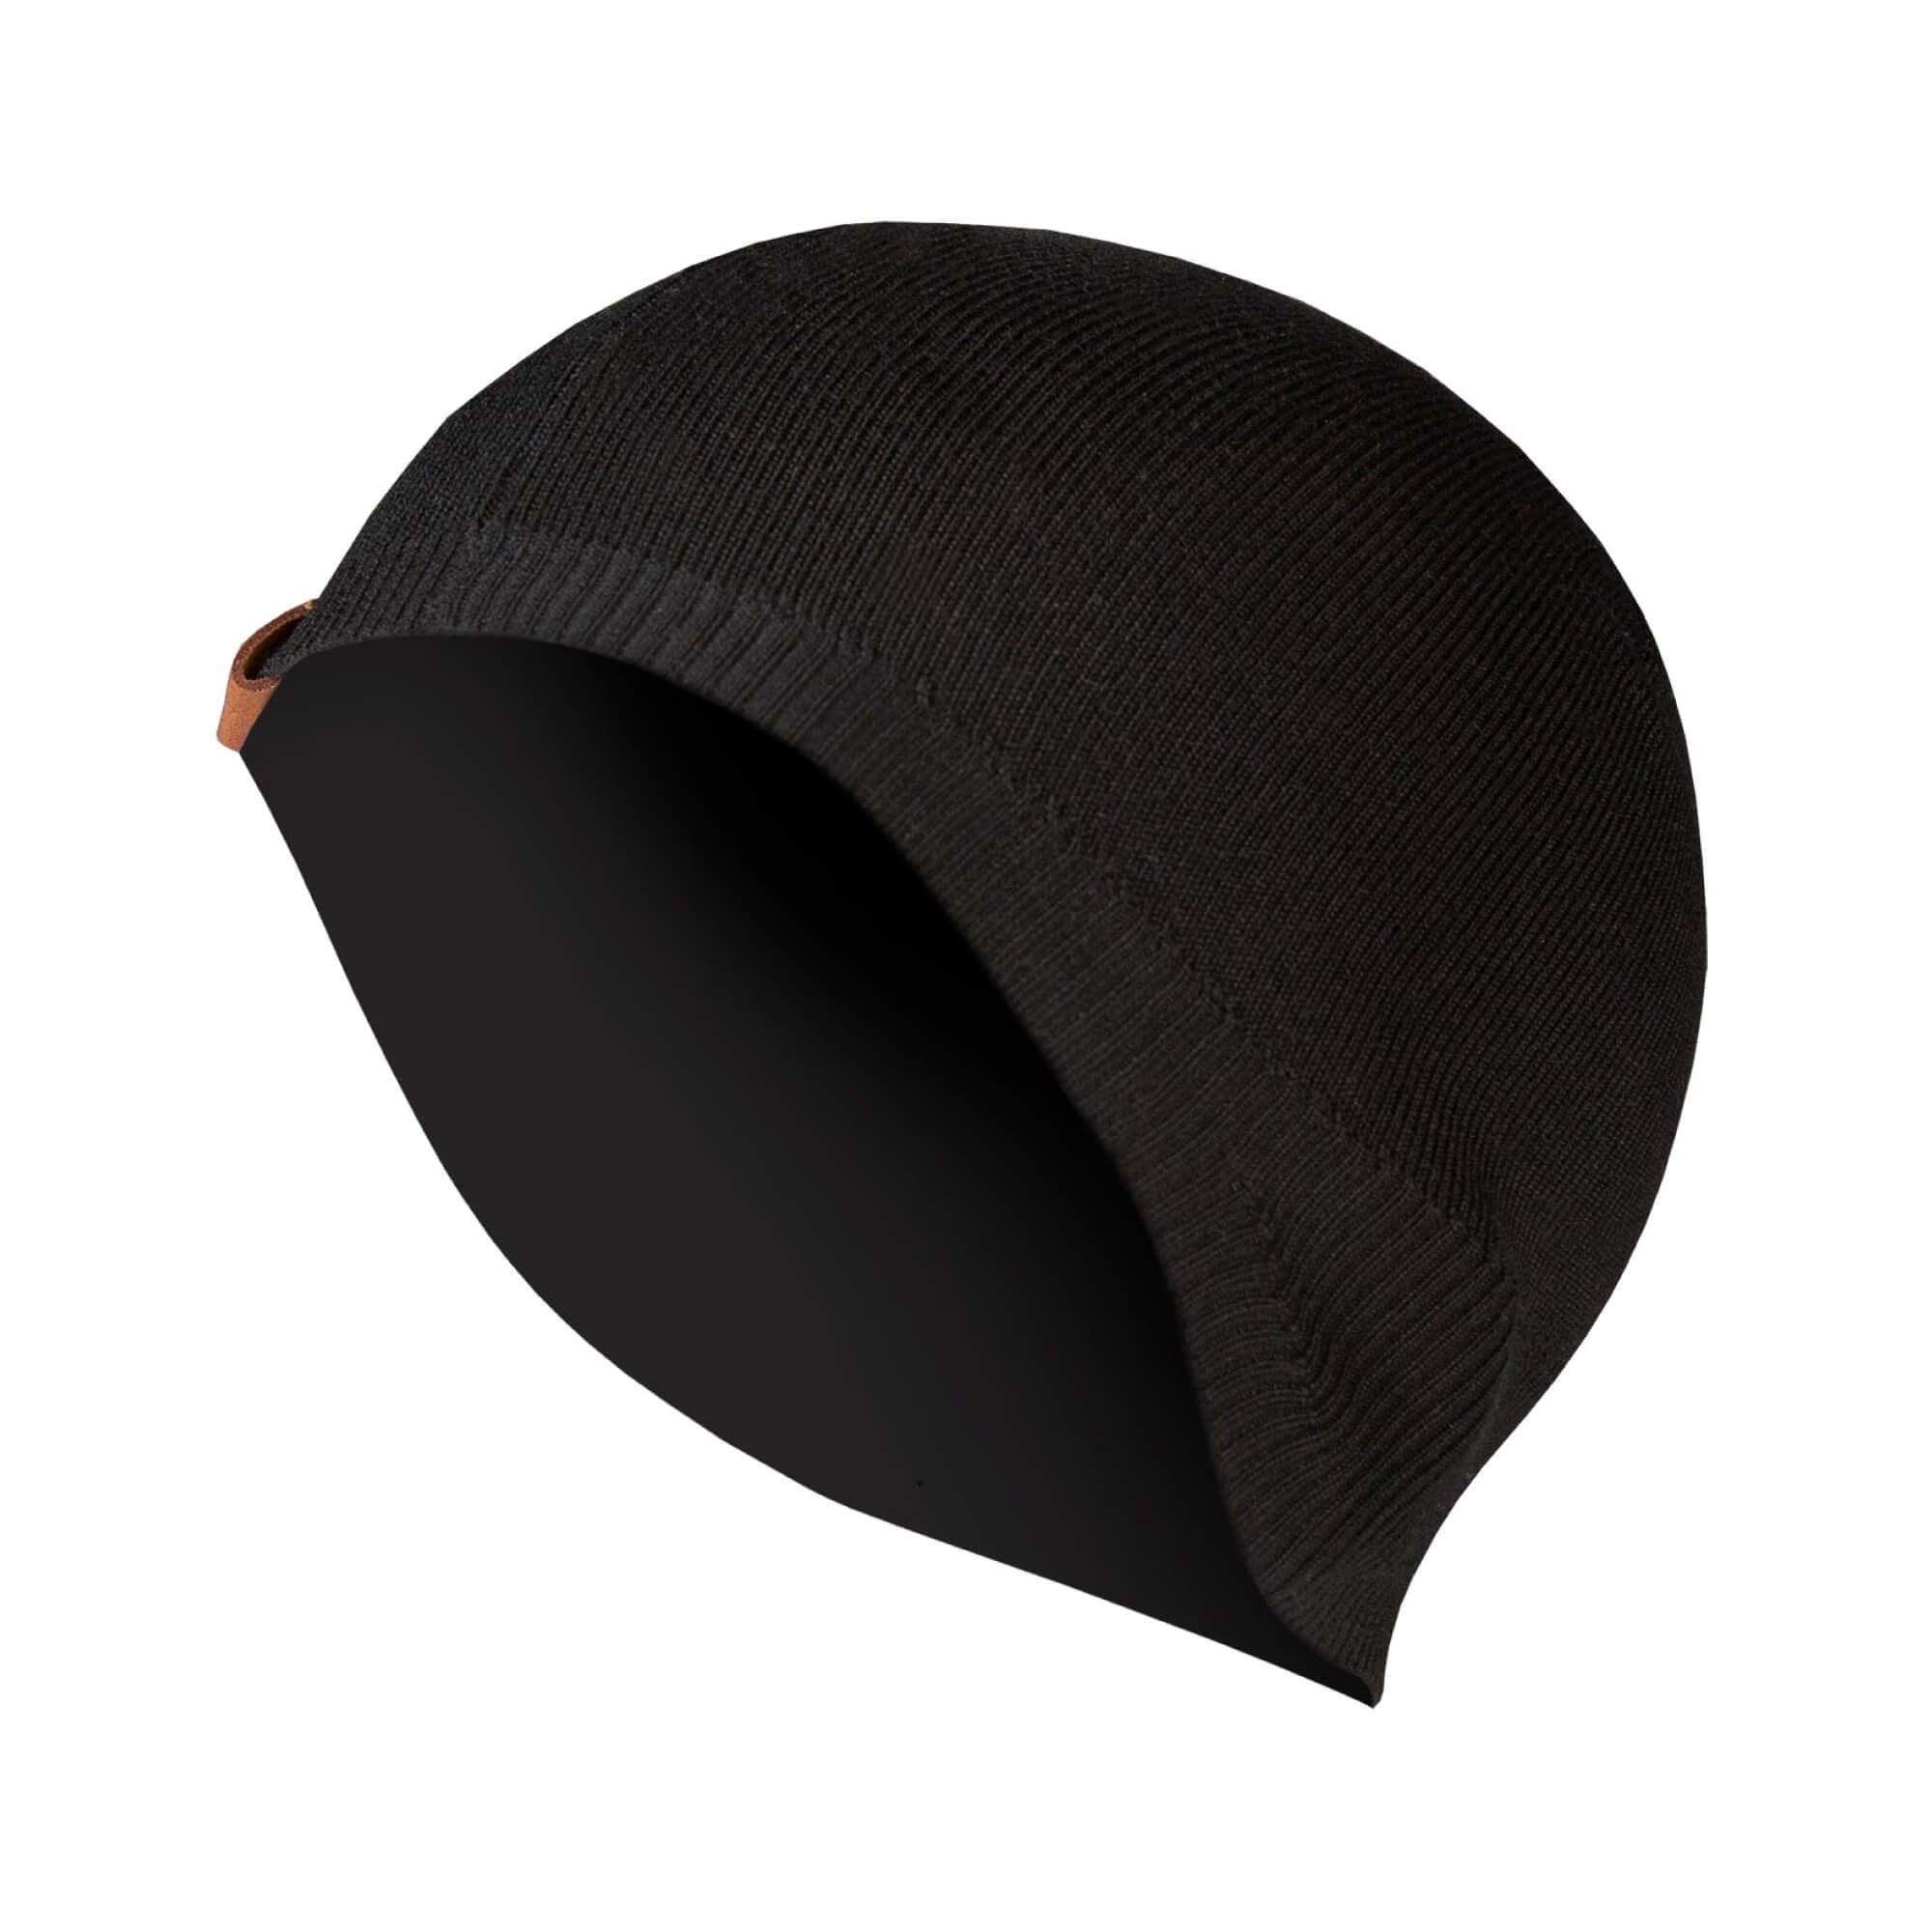 BaaBaa Merino Skullcap II Black-1